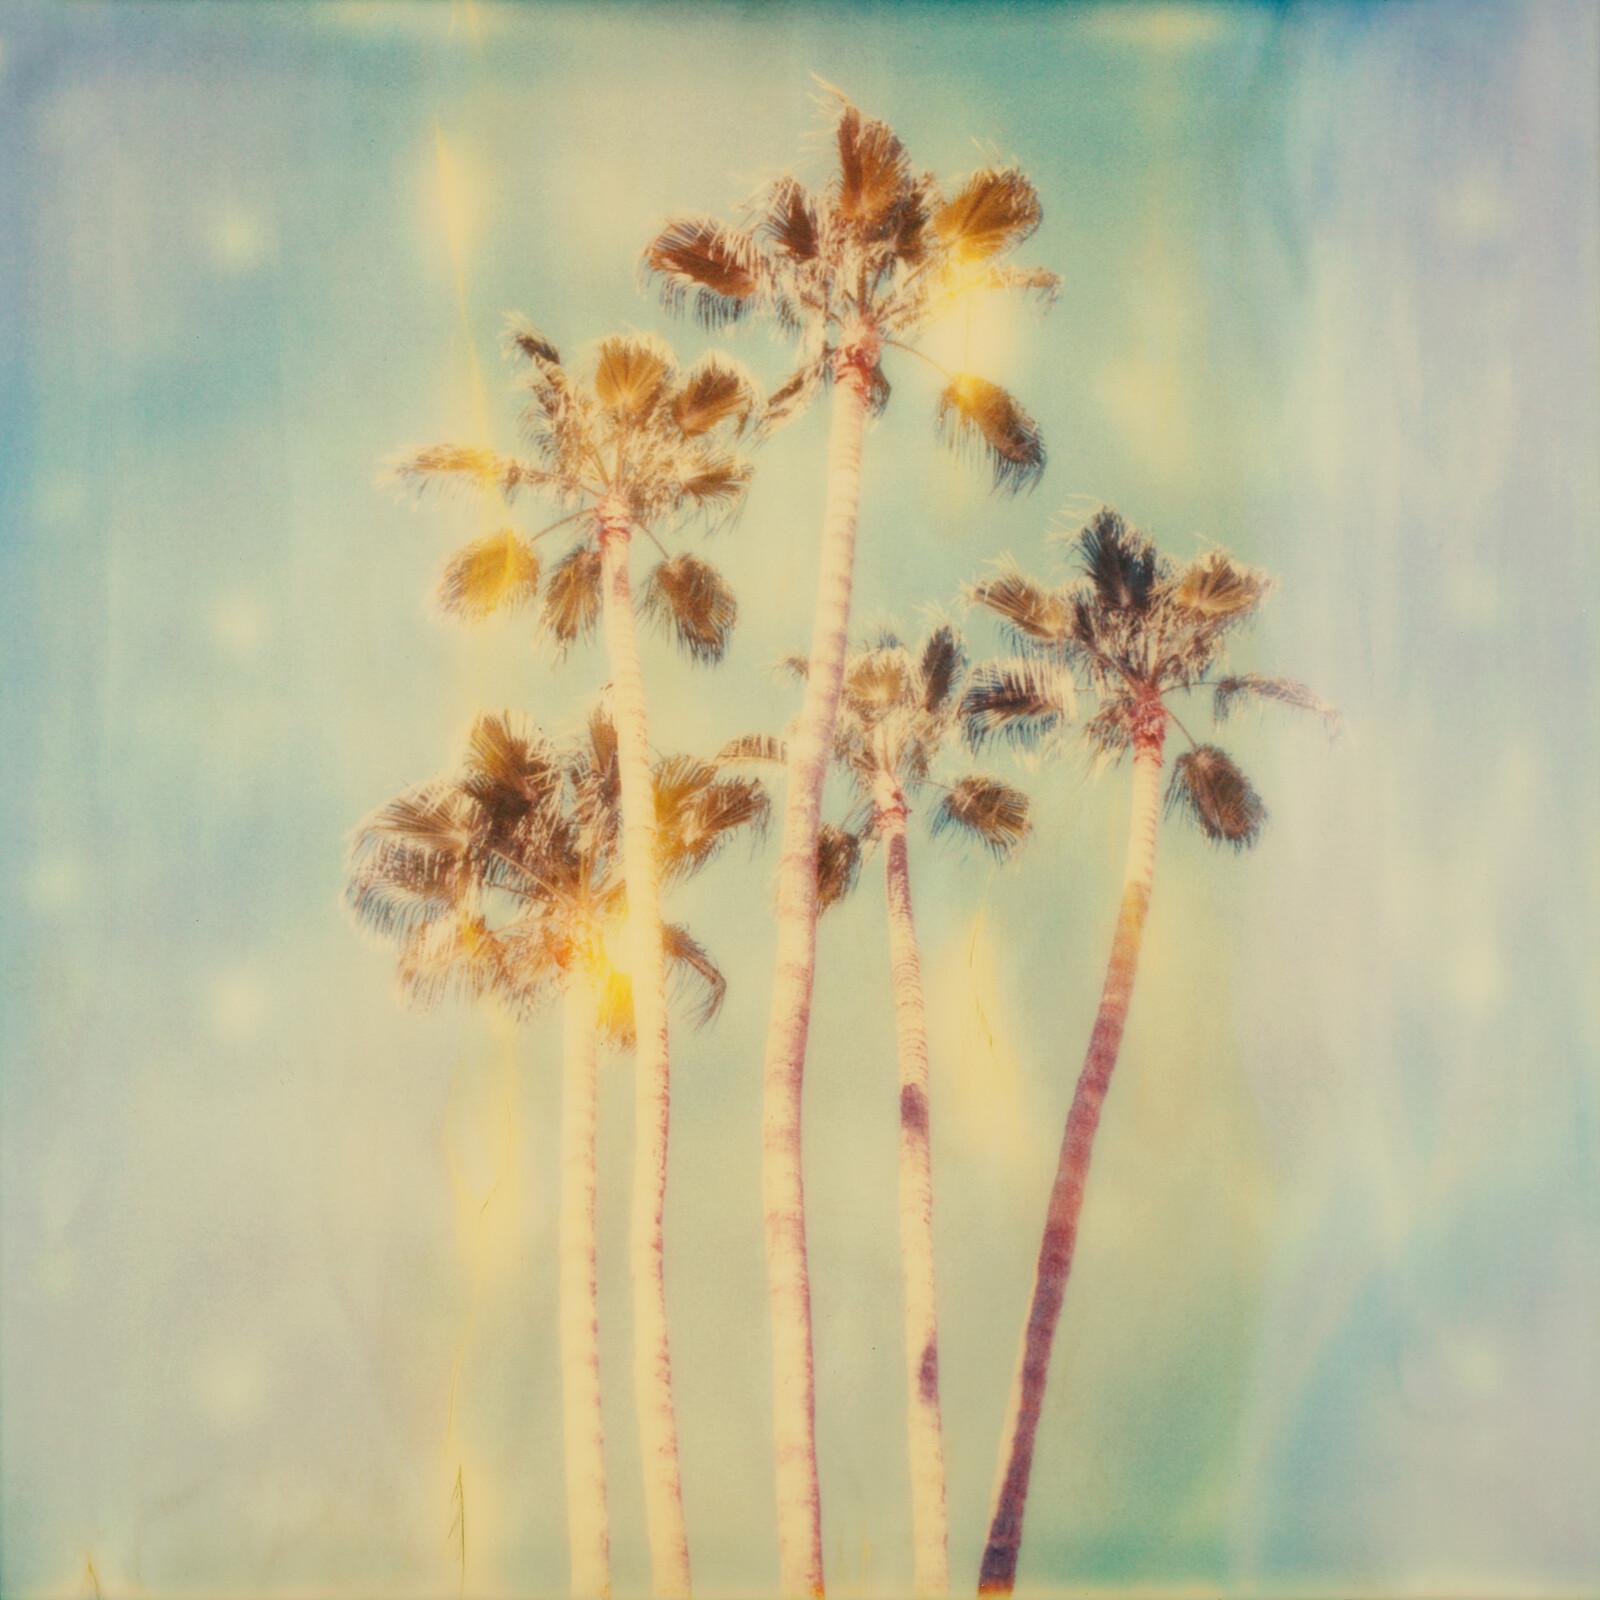 Palm trees palm springs - Stefanie Schneider